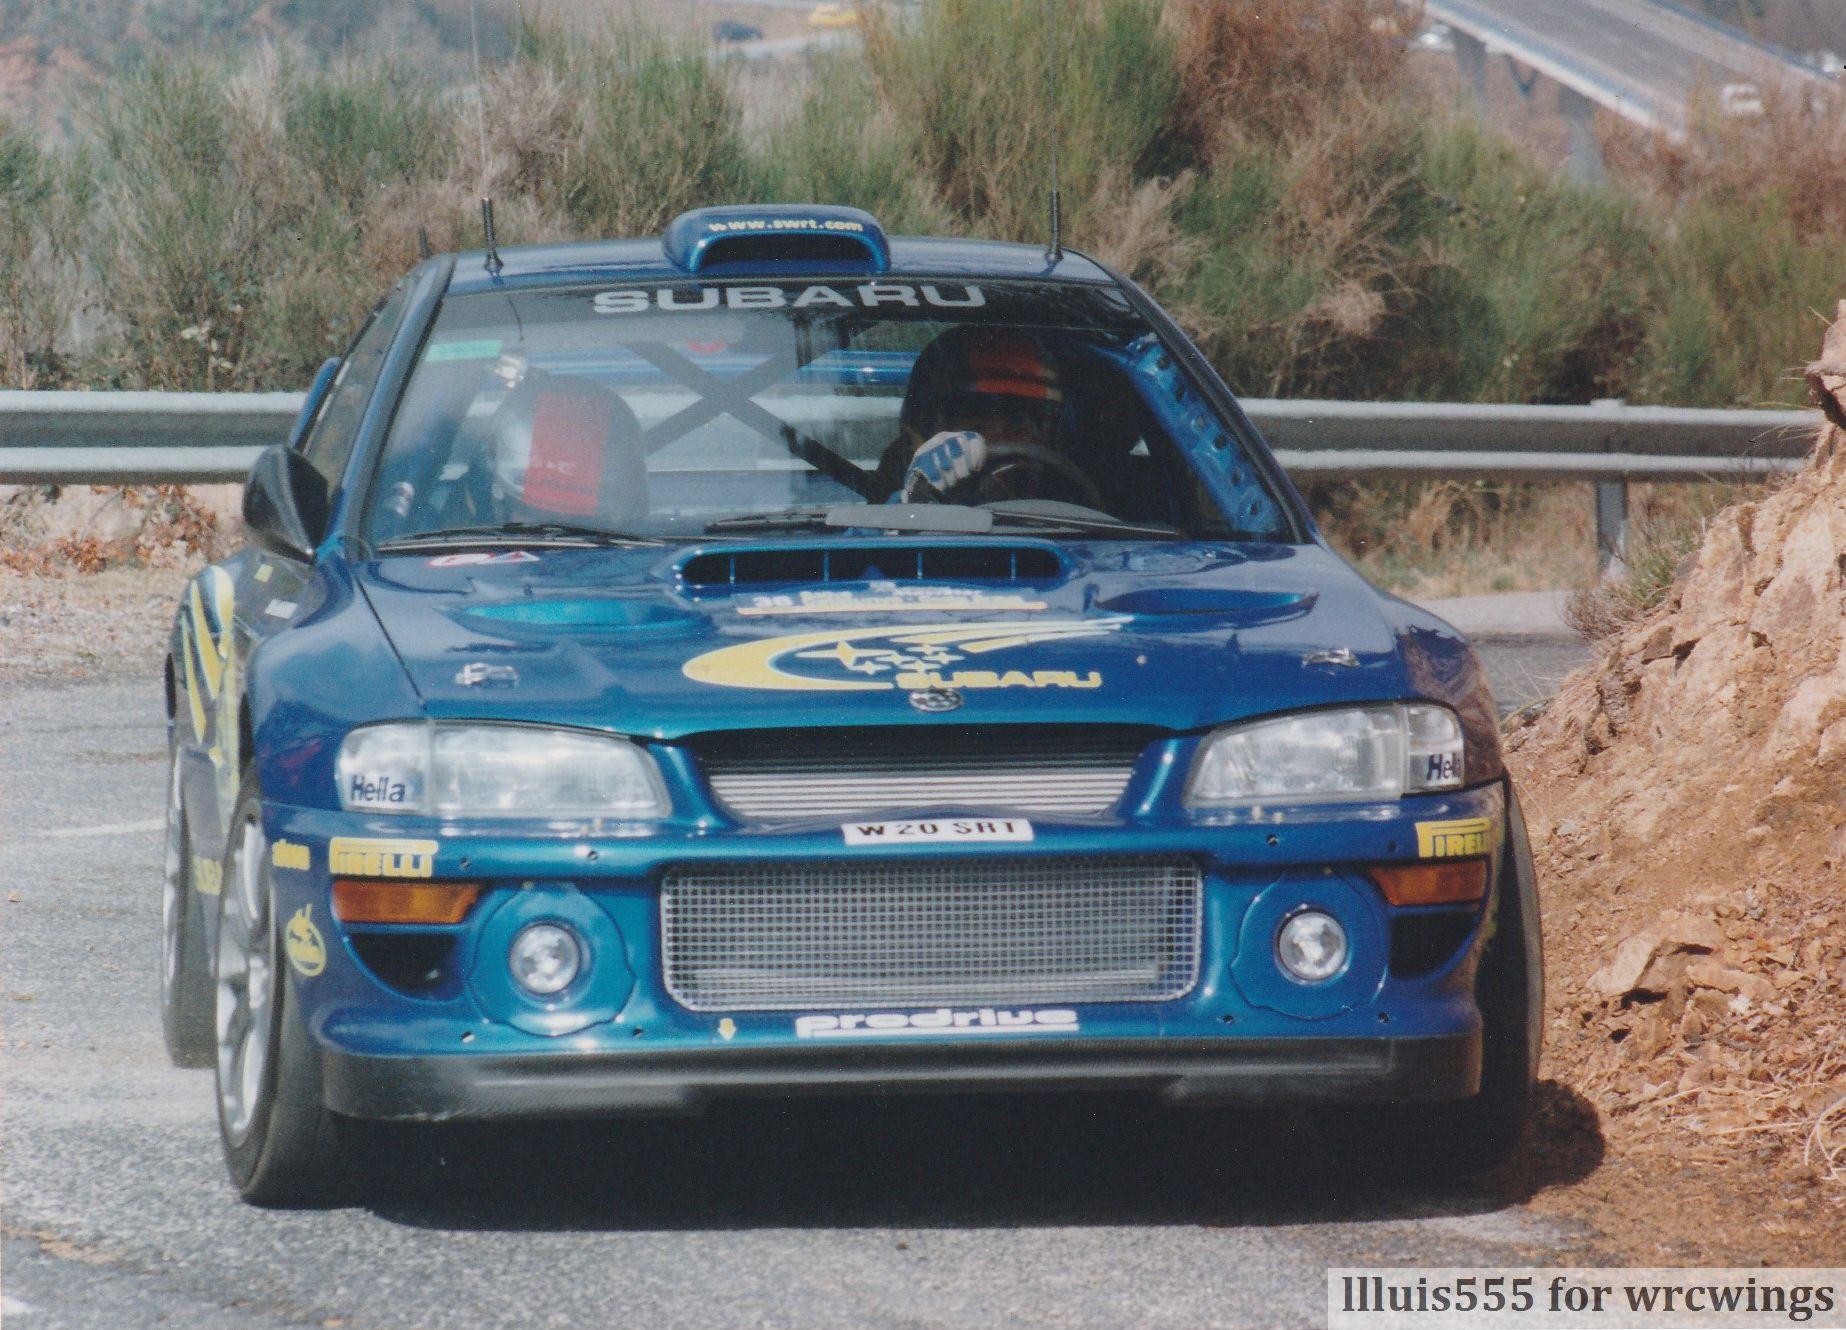 RBurns Cat 2000 Subaru Impreza WRC